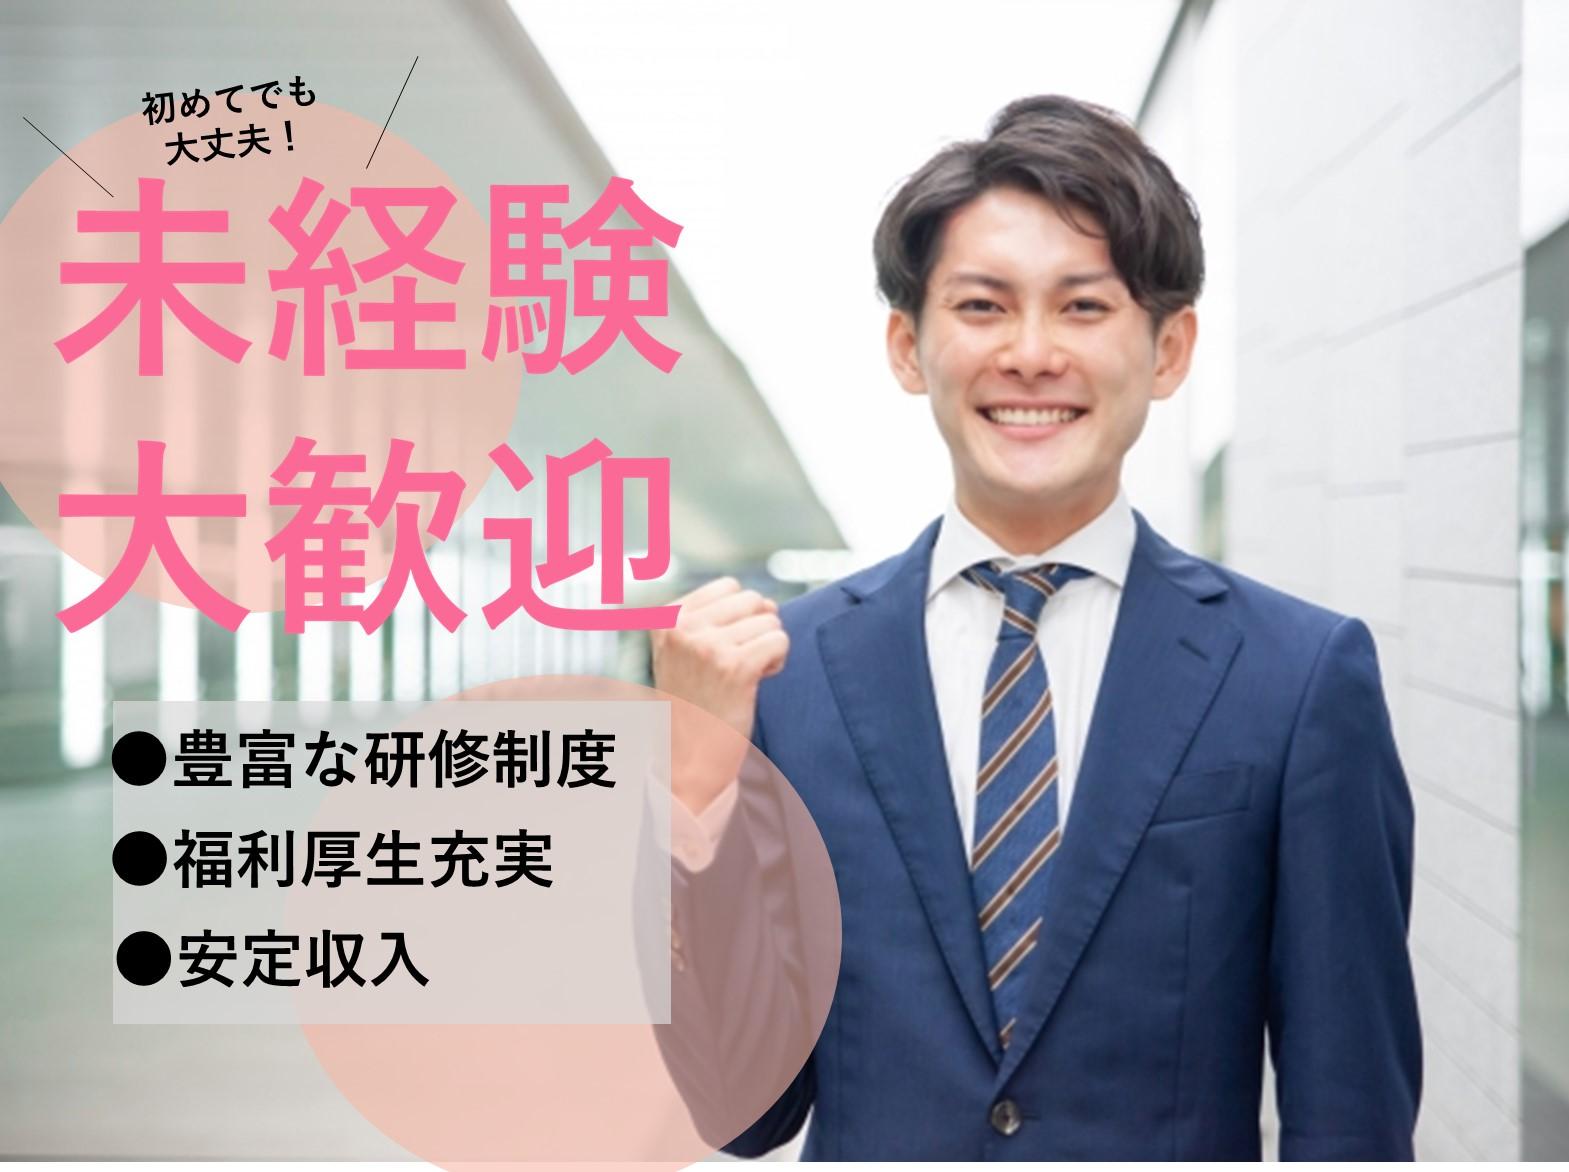 愛知県内全域【製造エンジニア】技術者支援!研修・福利厚生・環境充実! イメージ